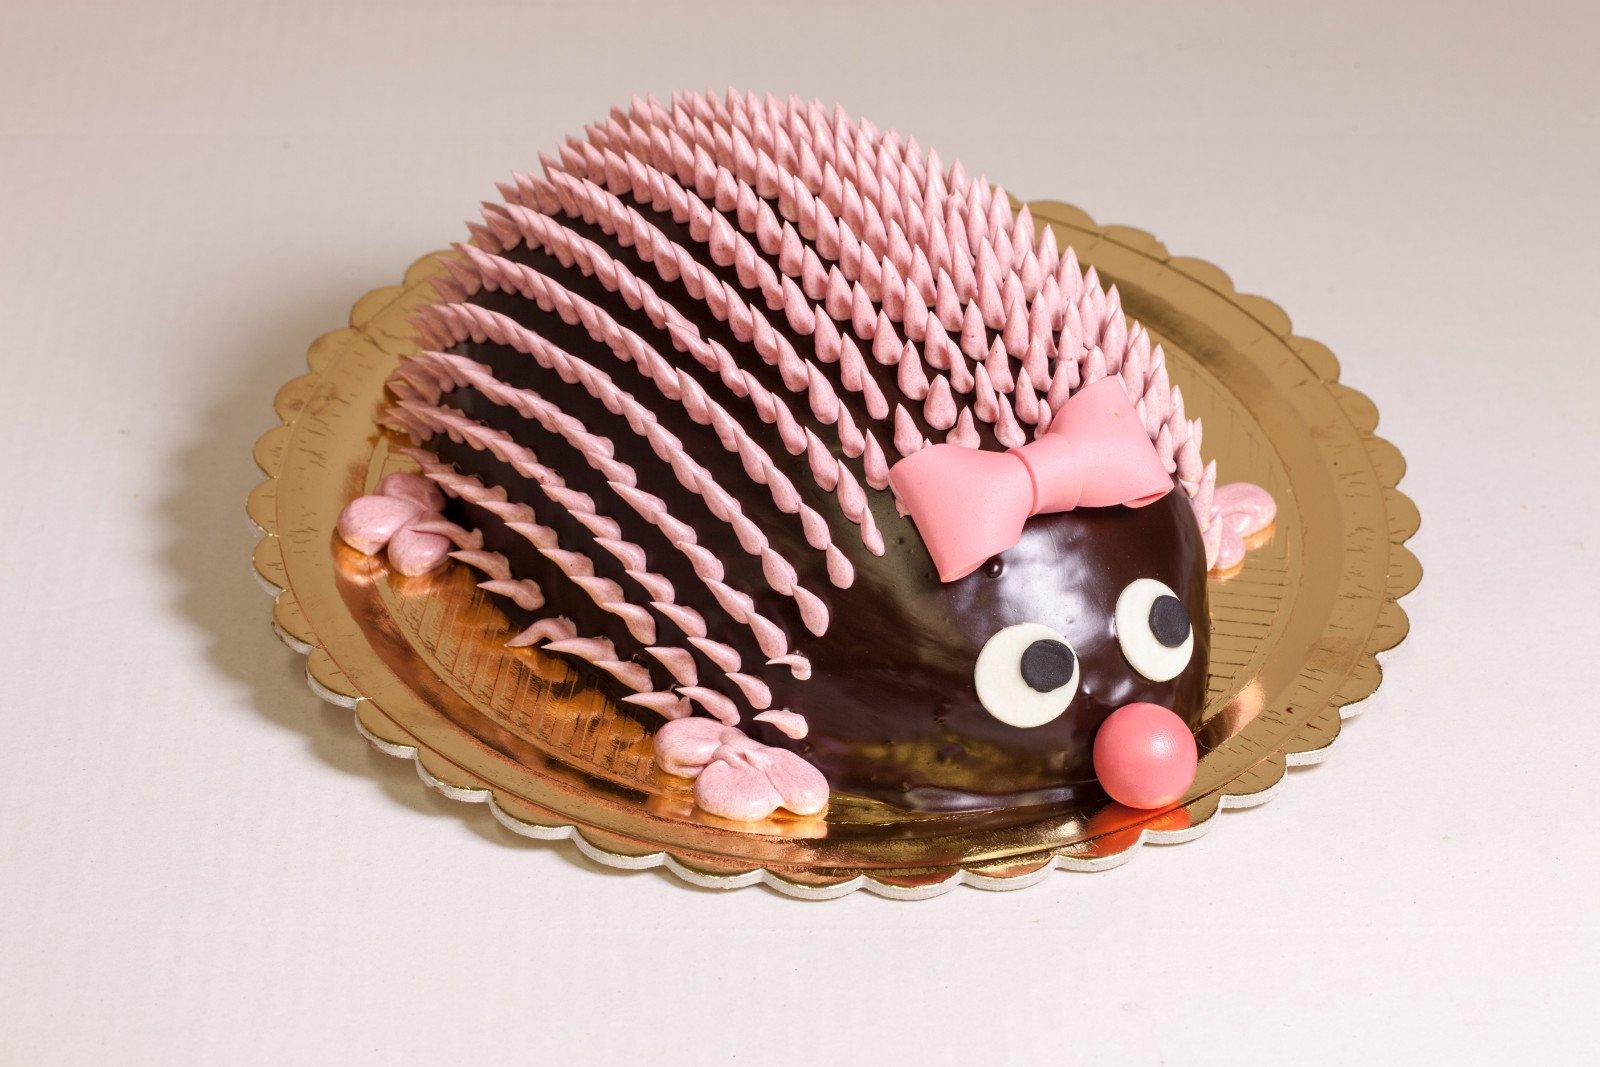 Torta a forma di riccio con copertura in cioccolato e decorazioni rosa